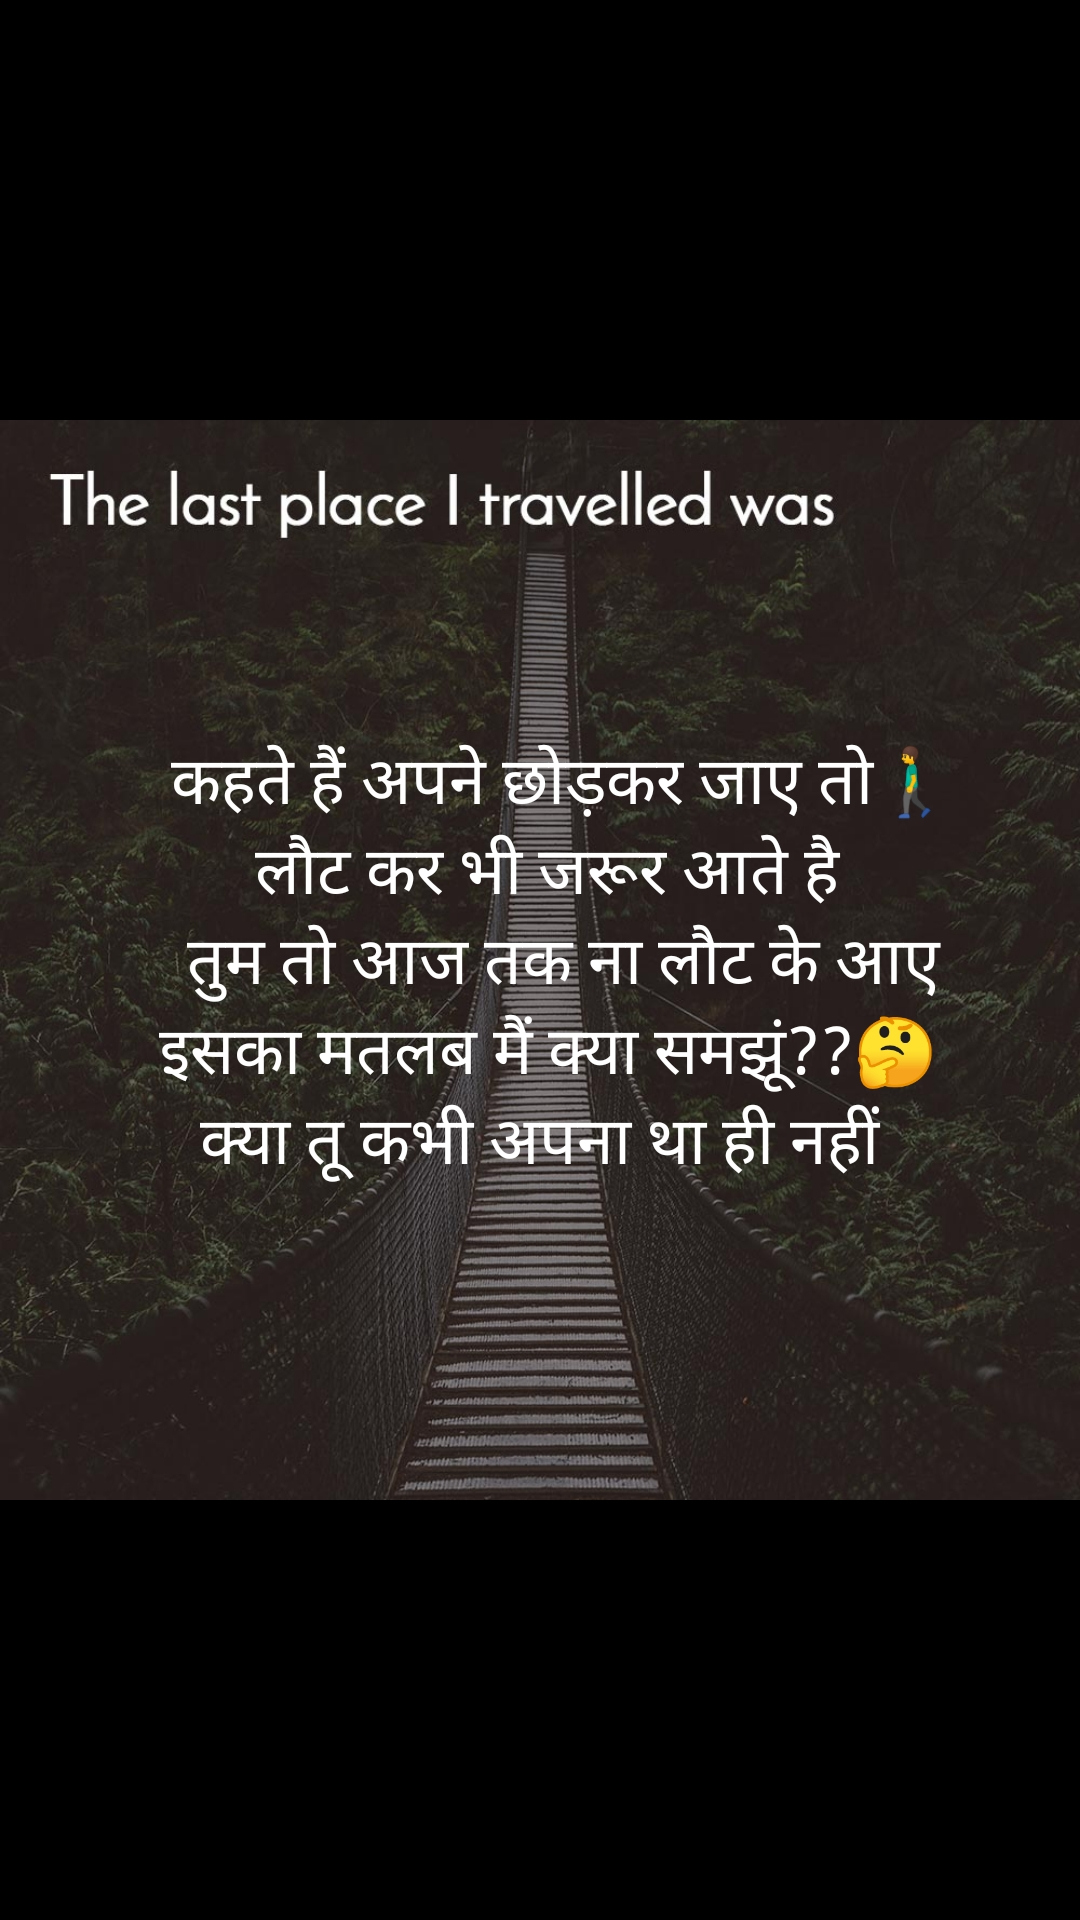 The last place I traveled was    कहते हैं अपने छोड़कर जाए तो🚶♂️  लौट कर भी जरूर आते है    तुम तो आज तक ना लौट के आए  इसका मतलब मैं क्या समझूं??🤔 क्या तू कभी अपना था ही नहीं